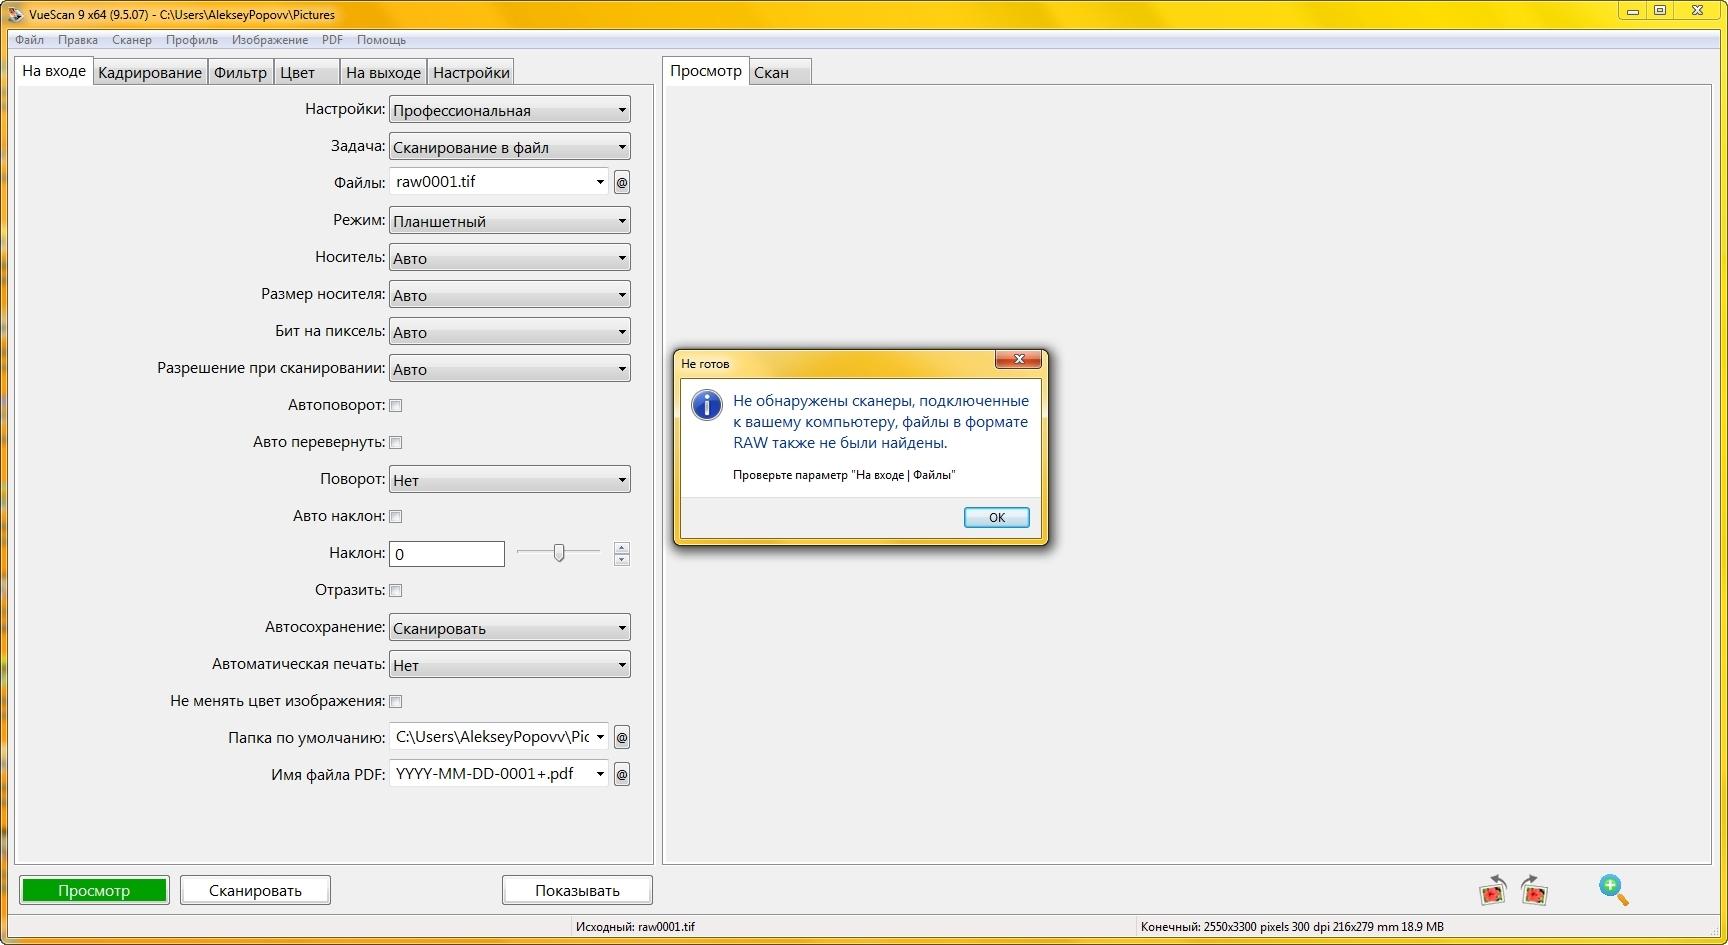 http://fs1.directupload.net/images/150316/4i9k9z6c.jpg